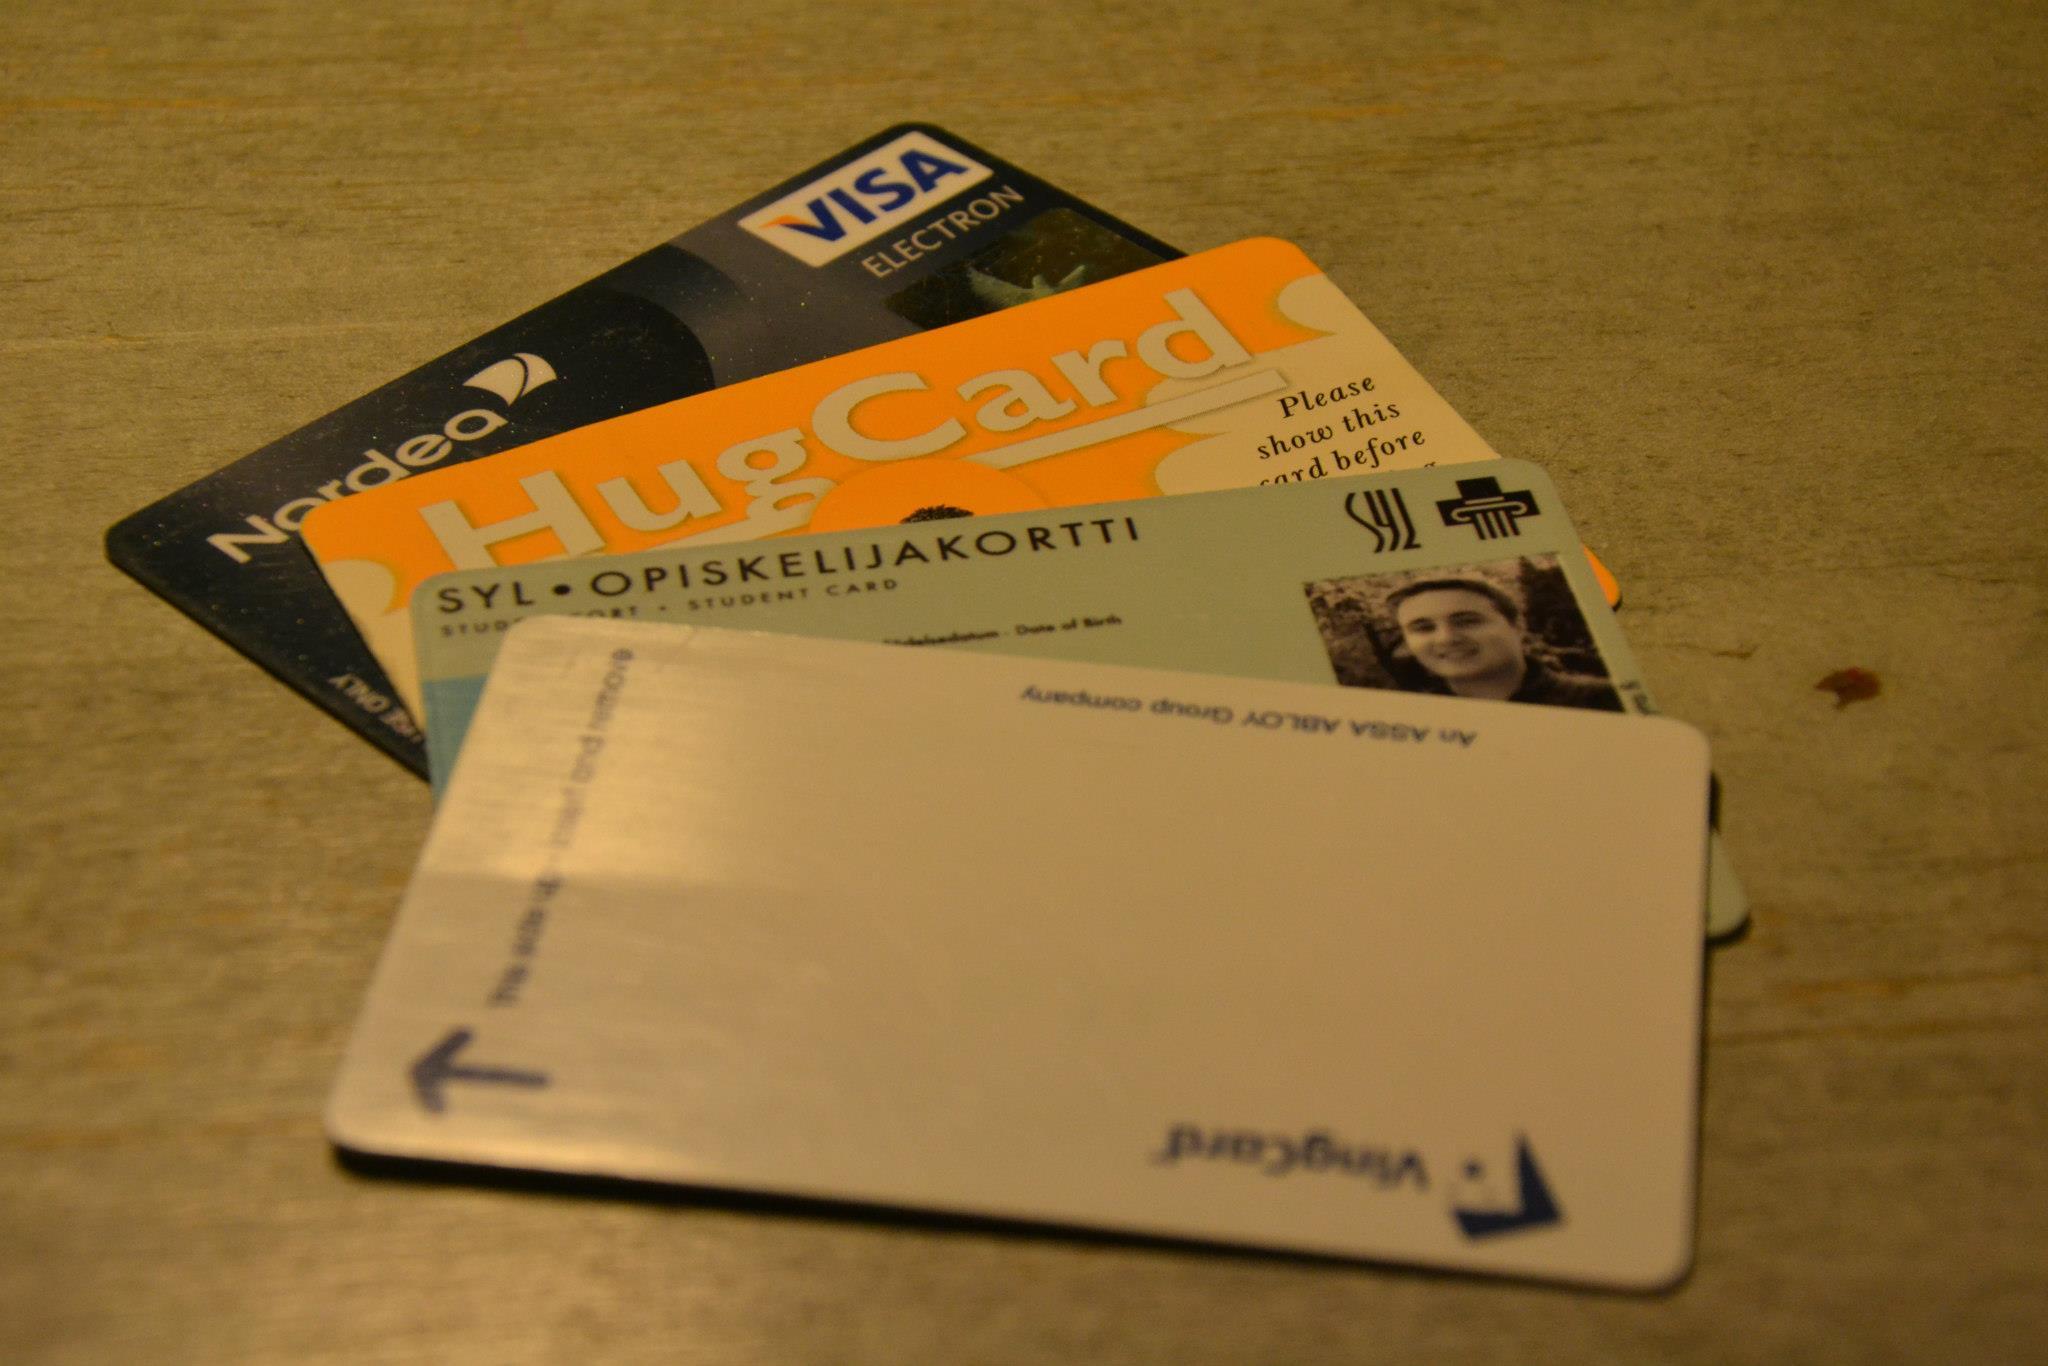 Čtyři důležité karty, které jsem potřeboval téměř denně.